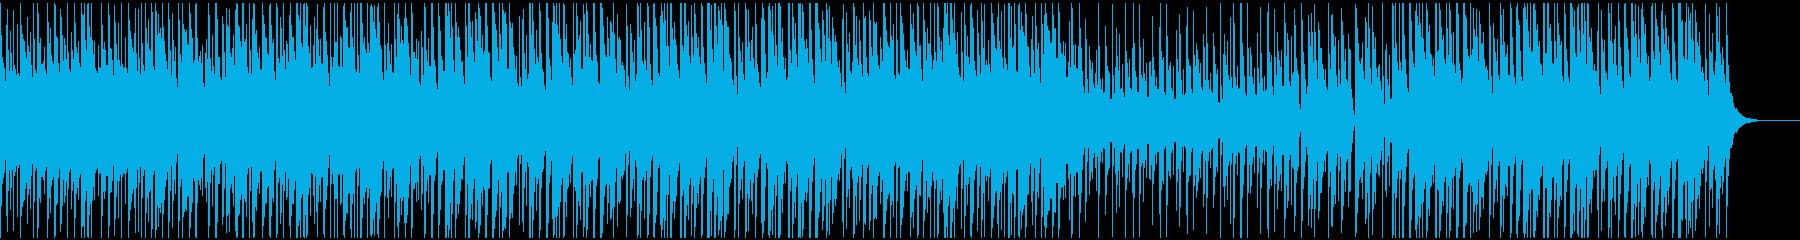 かわいいけどしっかりサウンドの再生済みの波形